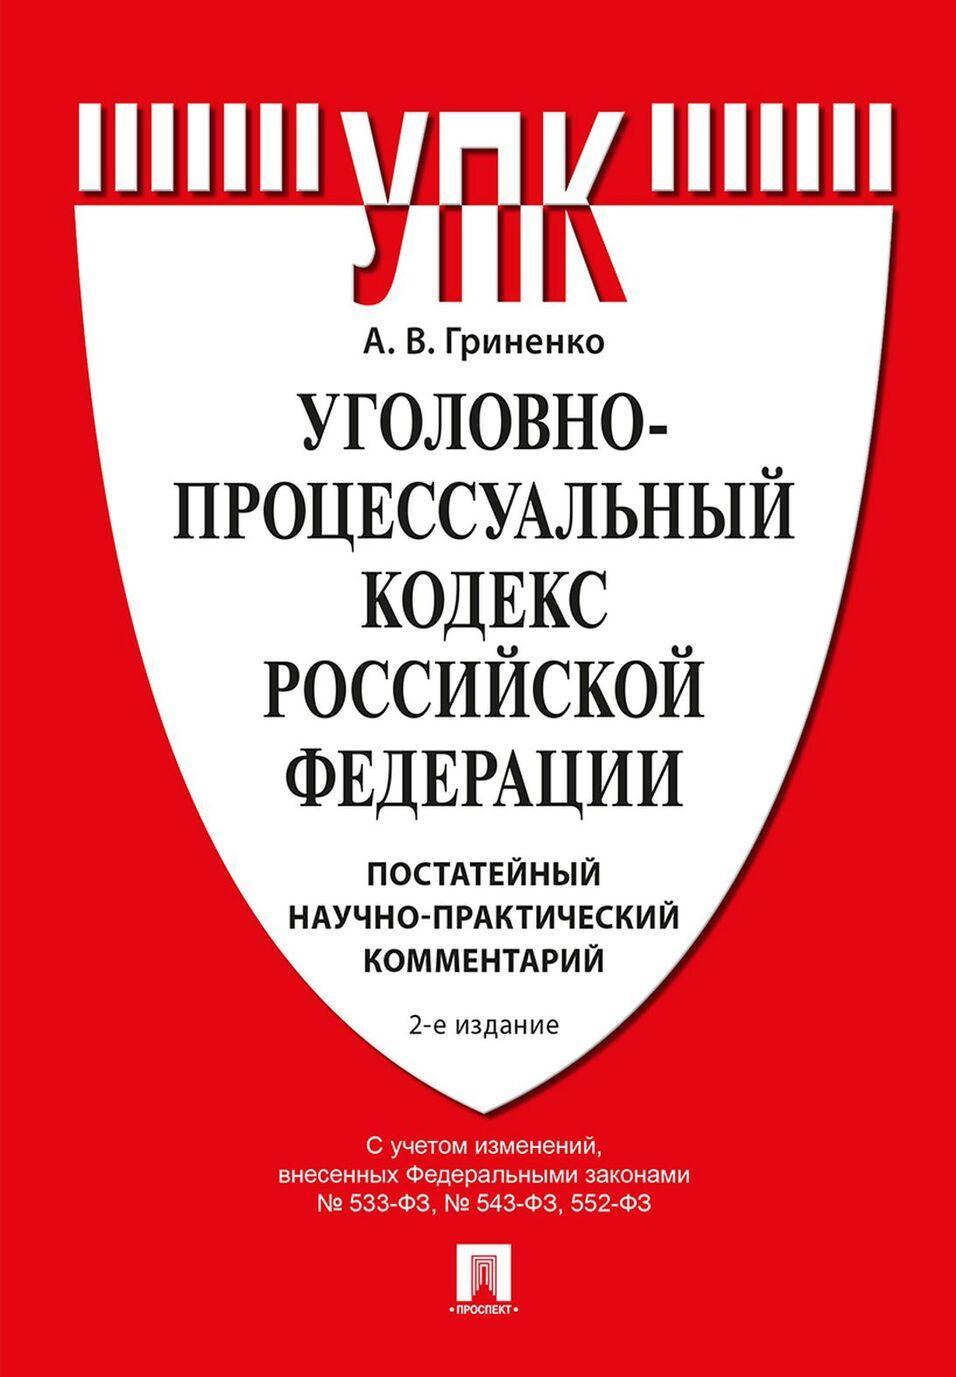 Ugolovno-protsessualnyj kodeks Rossijskoj Federatsii. Postatejnyj nauchno-prakticheskij kommentarij | Grinenko Aleksandr Viktorovich